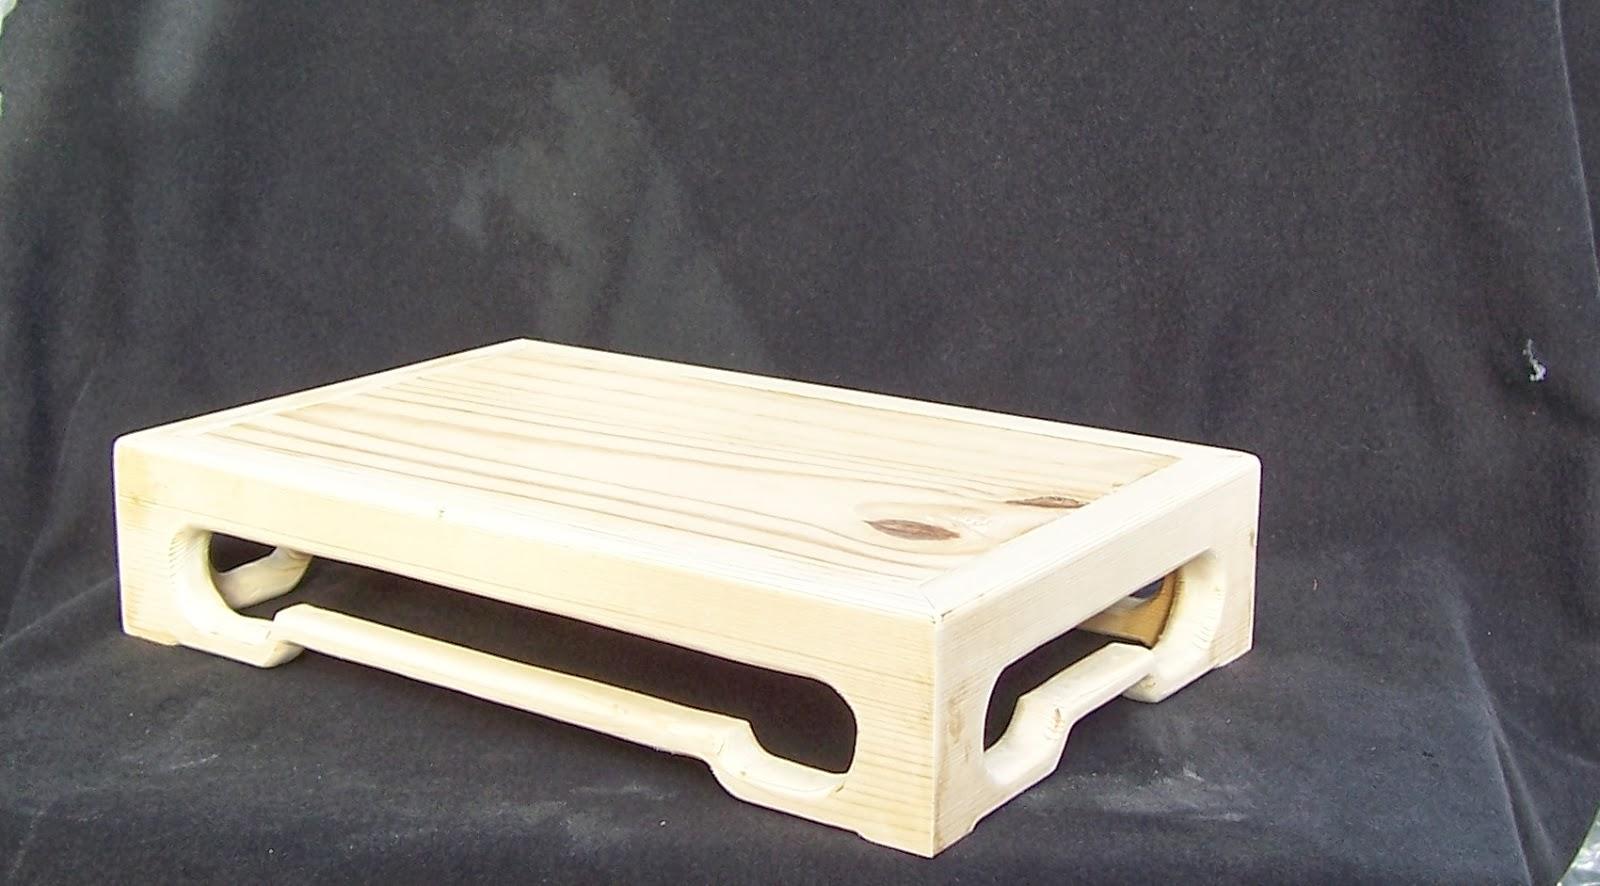 MiKo Bonsai Homemade Bonsai Display Stand